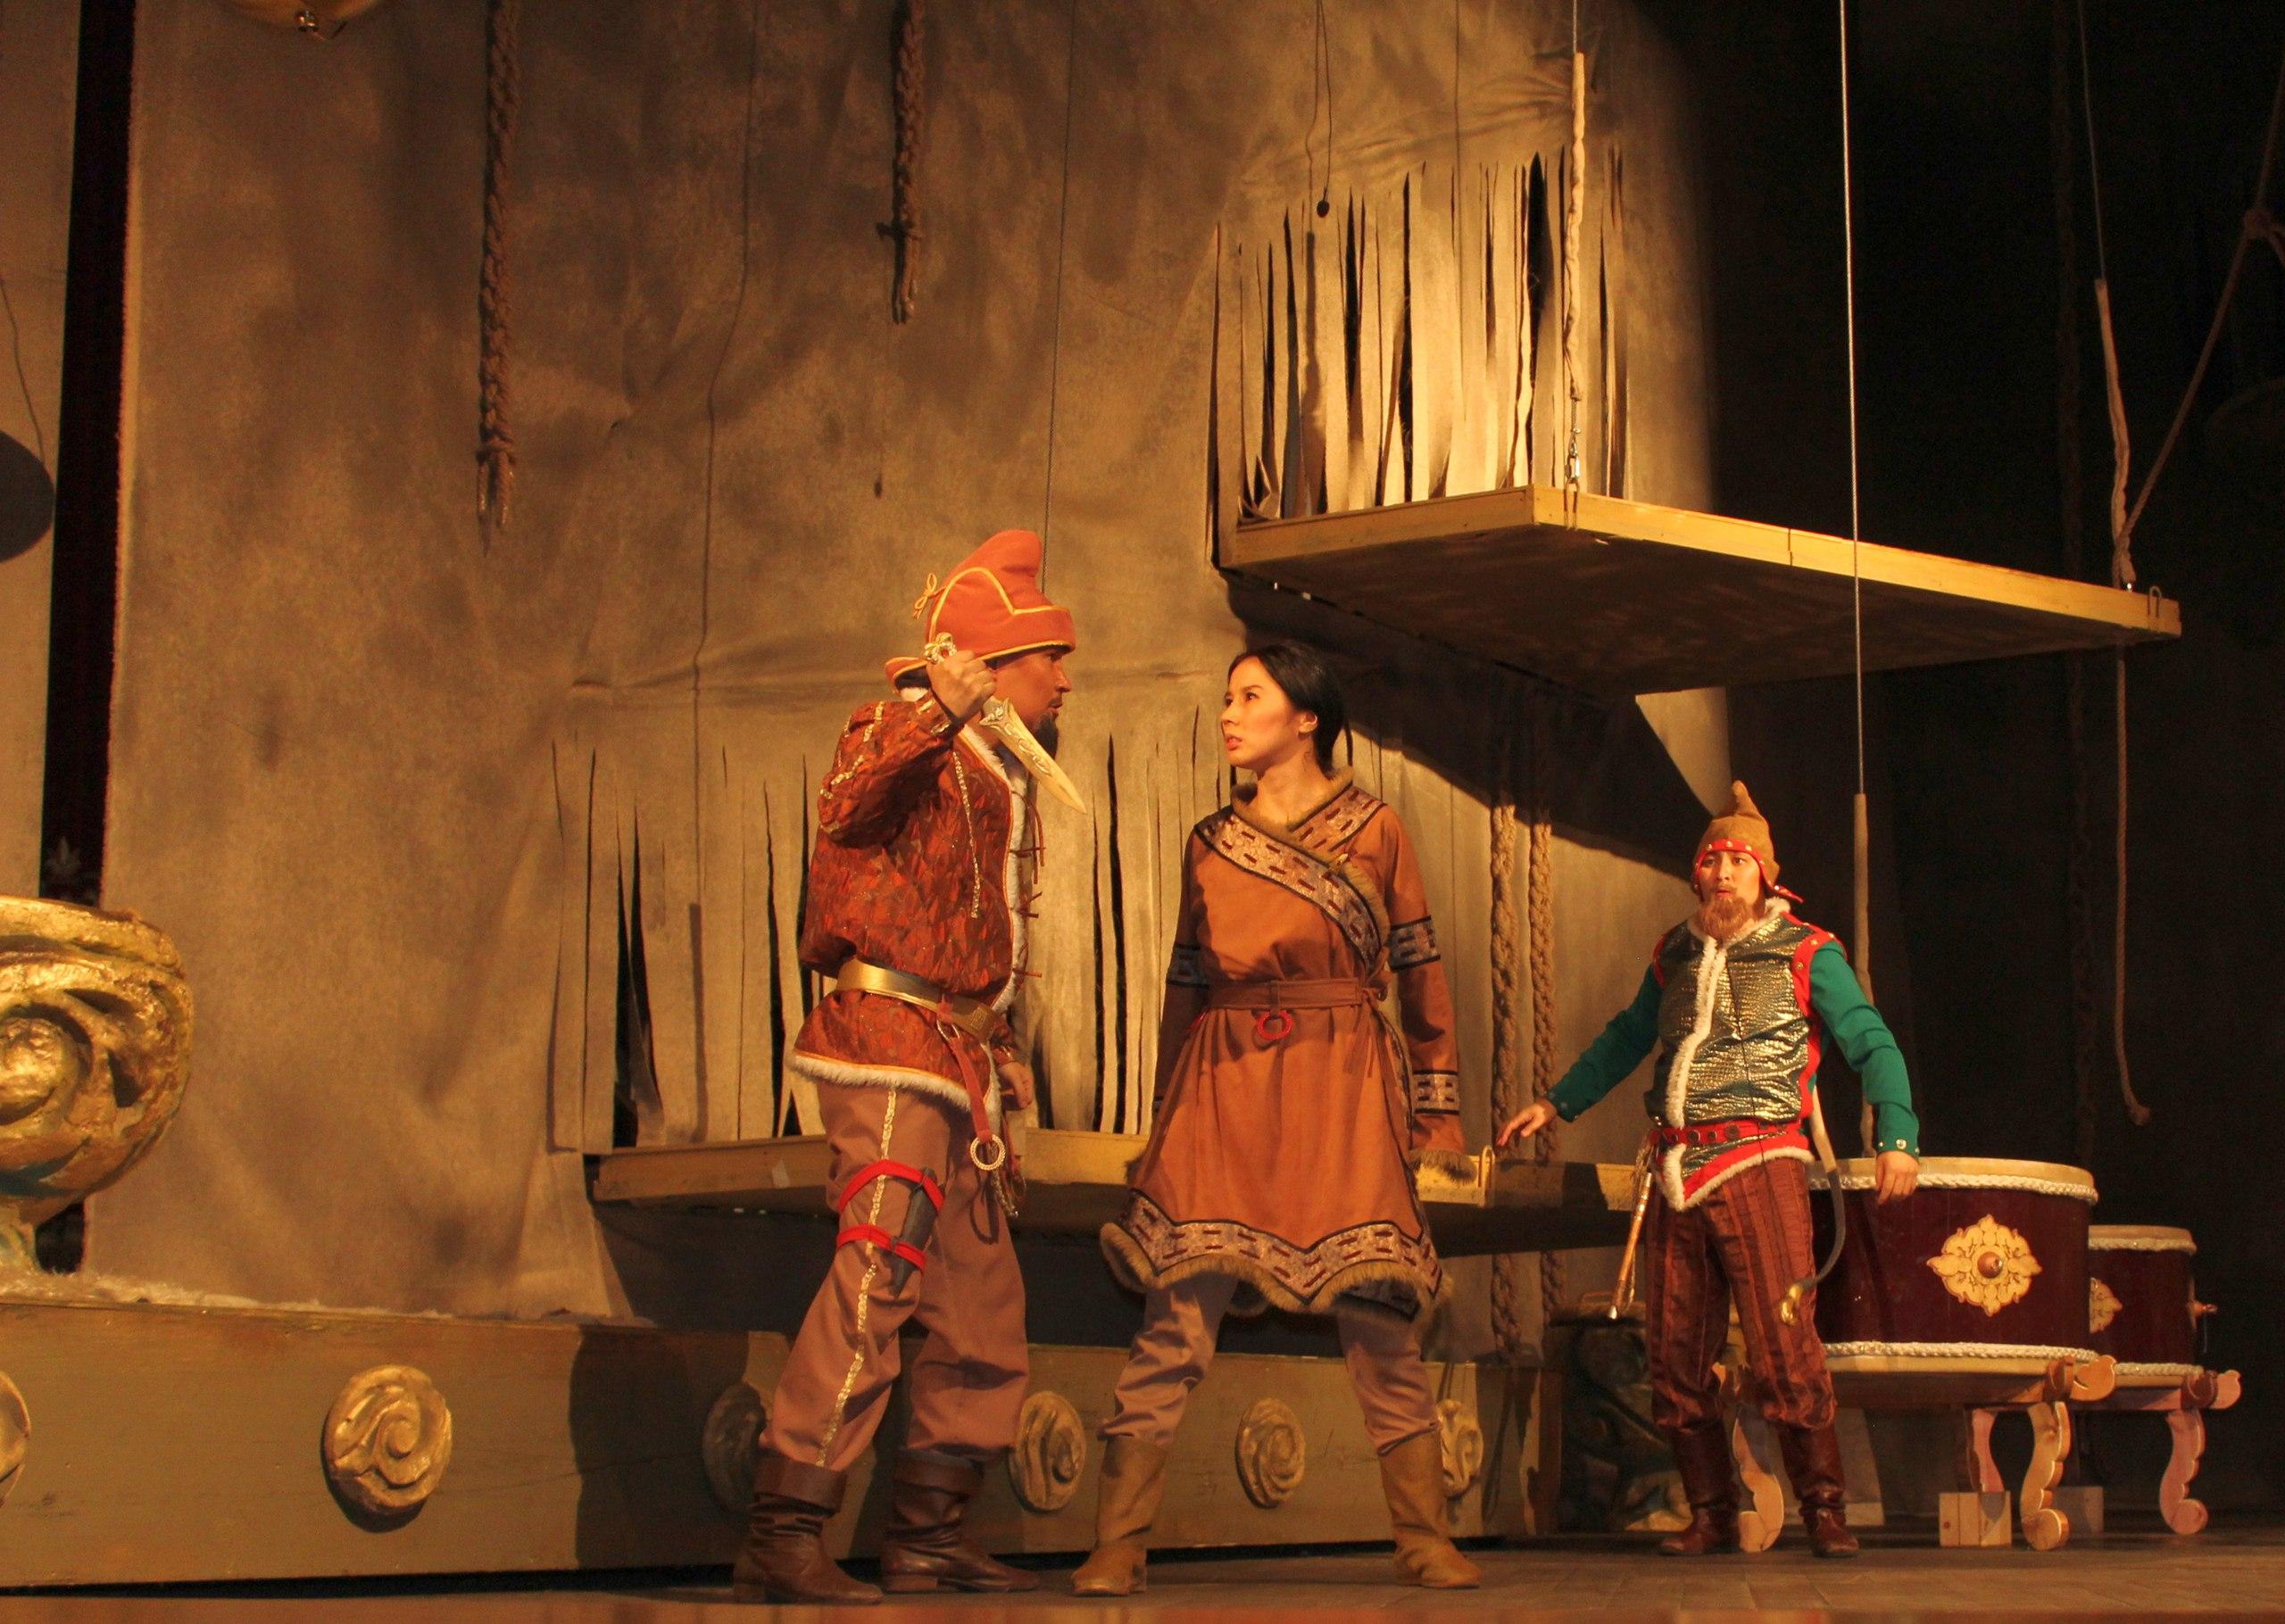 Сегодня состоялась премьера музыкальной легенды «Чадаган»